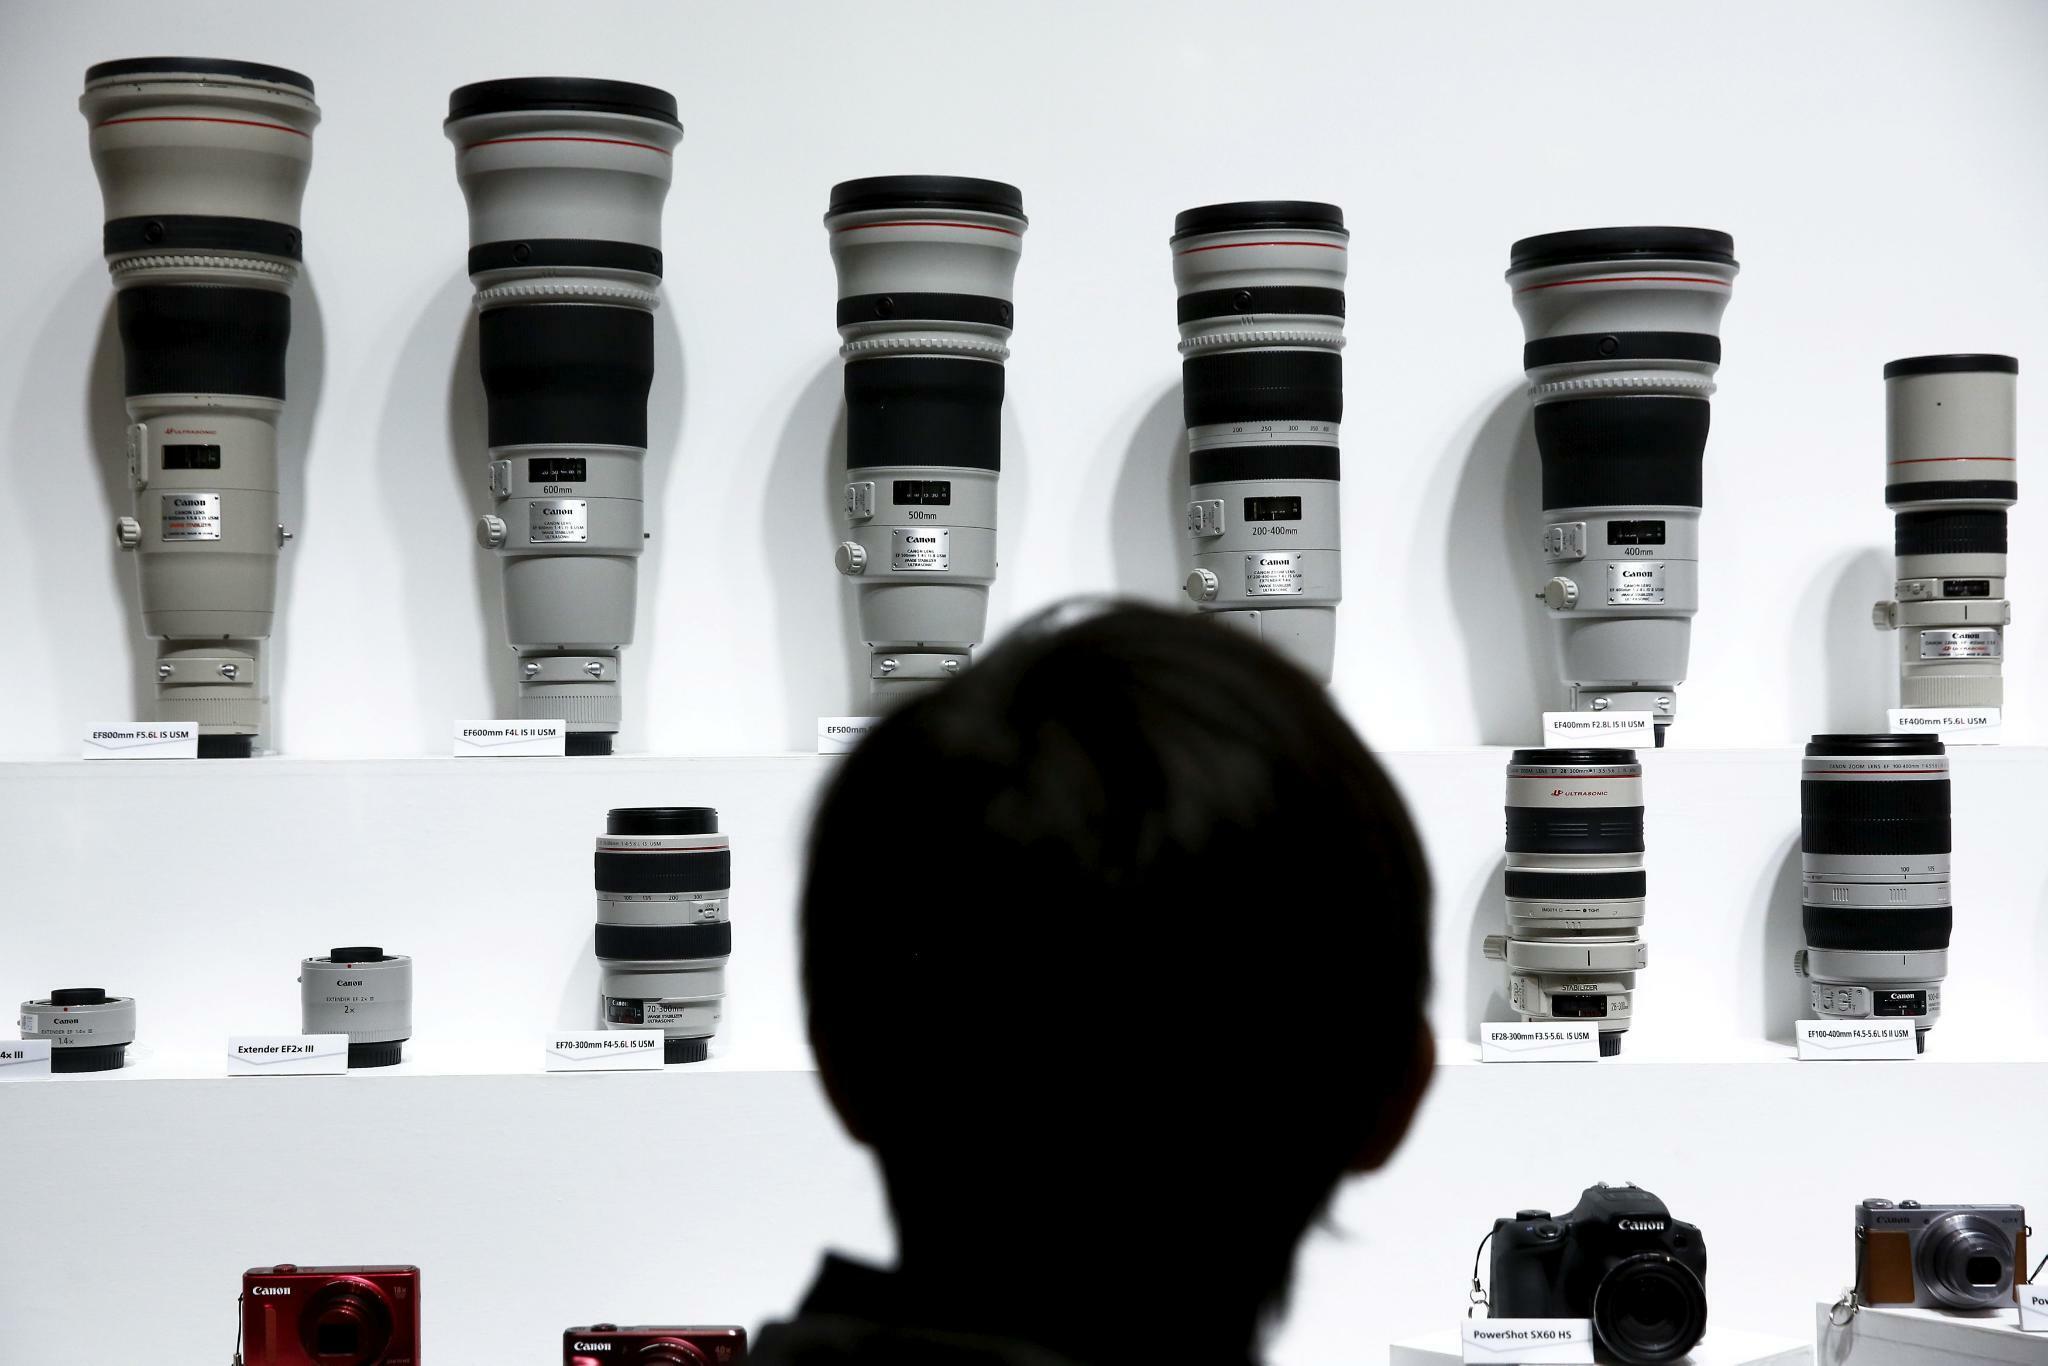 Smartphones bedrohen die letzte Bastion der Kamerahersteller